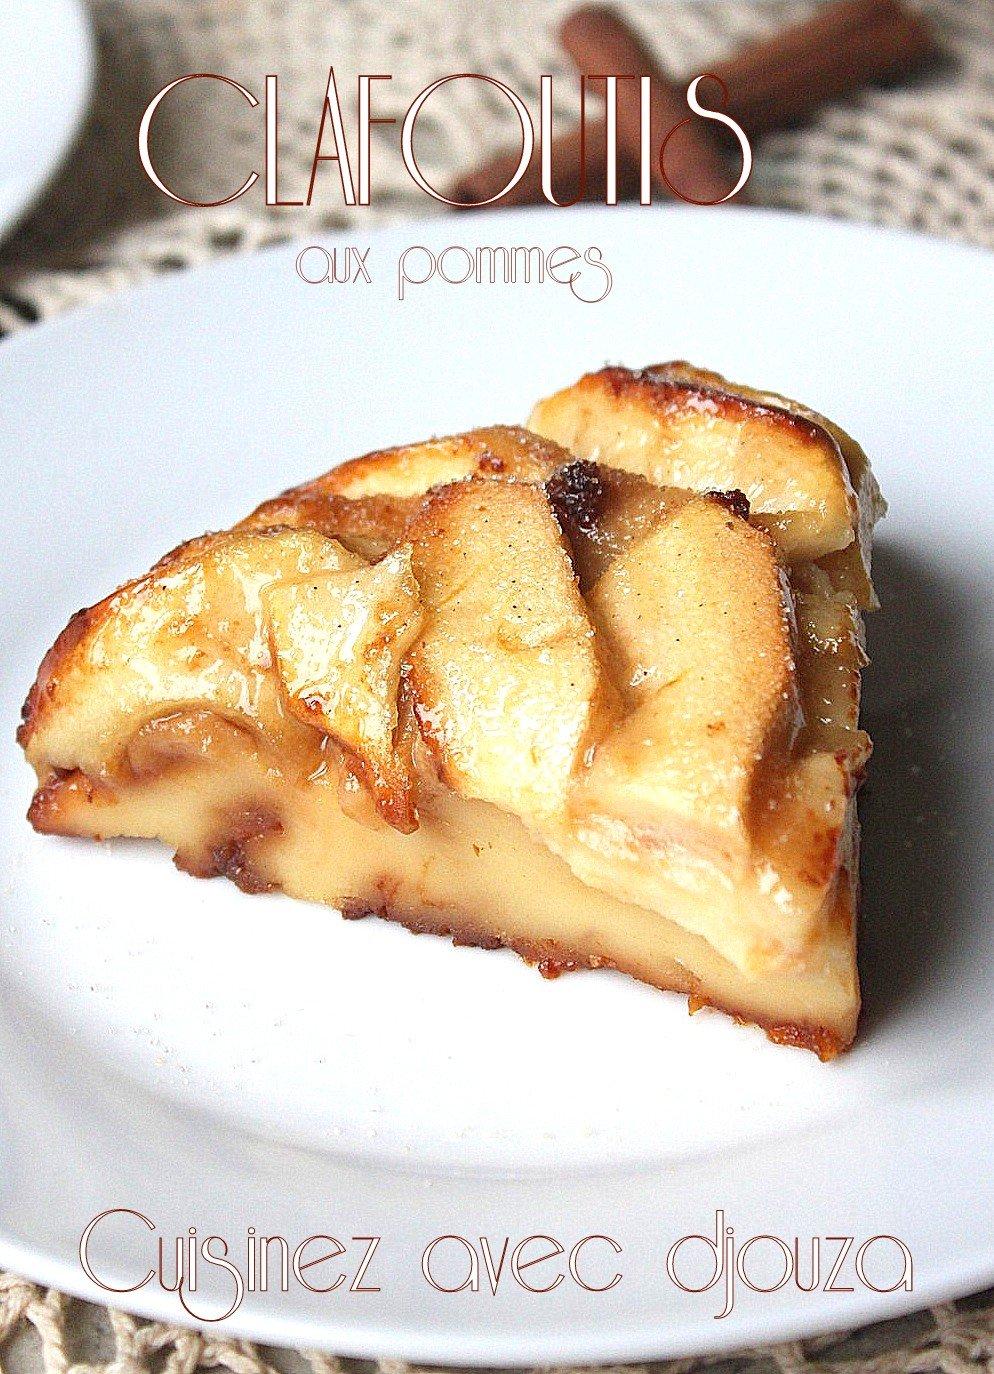 Clafoutis-aux-pommes (sauce caramel)